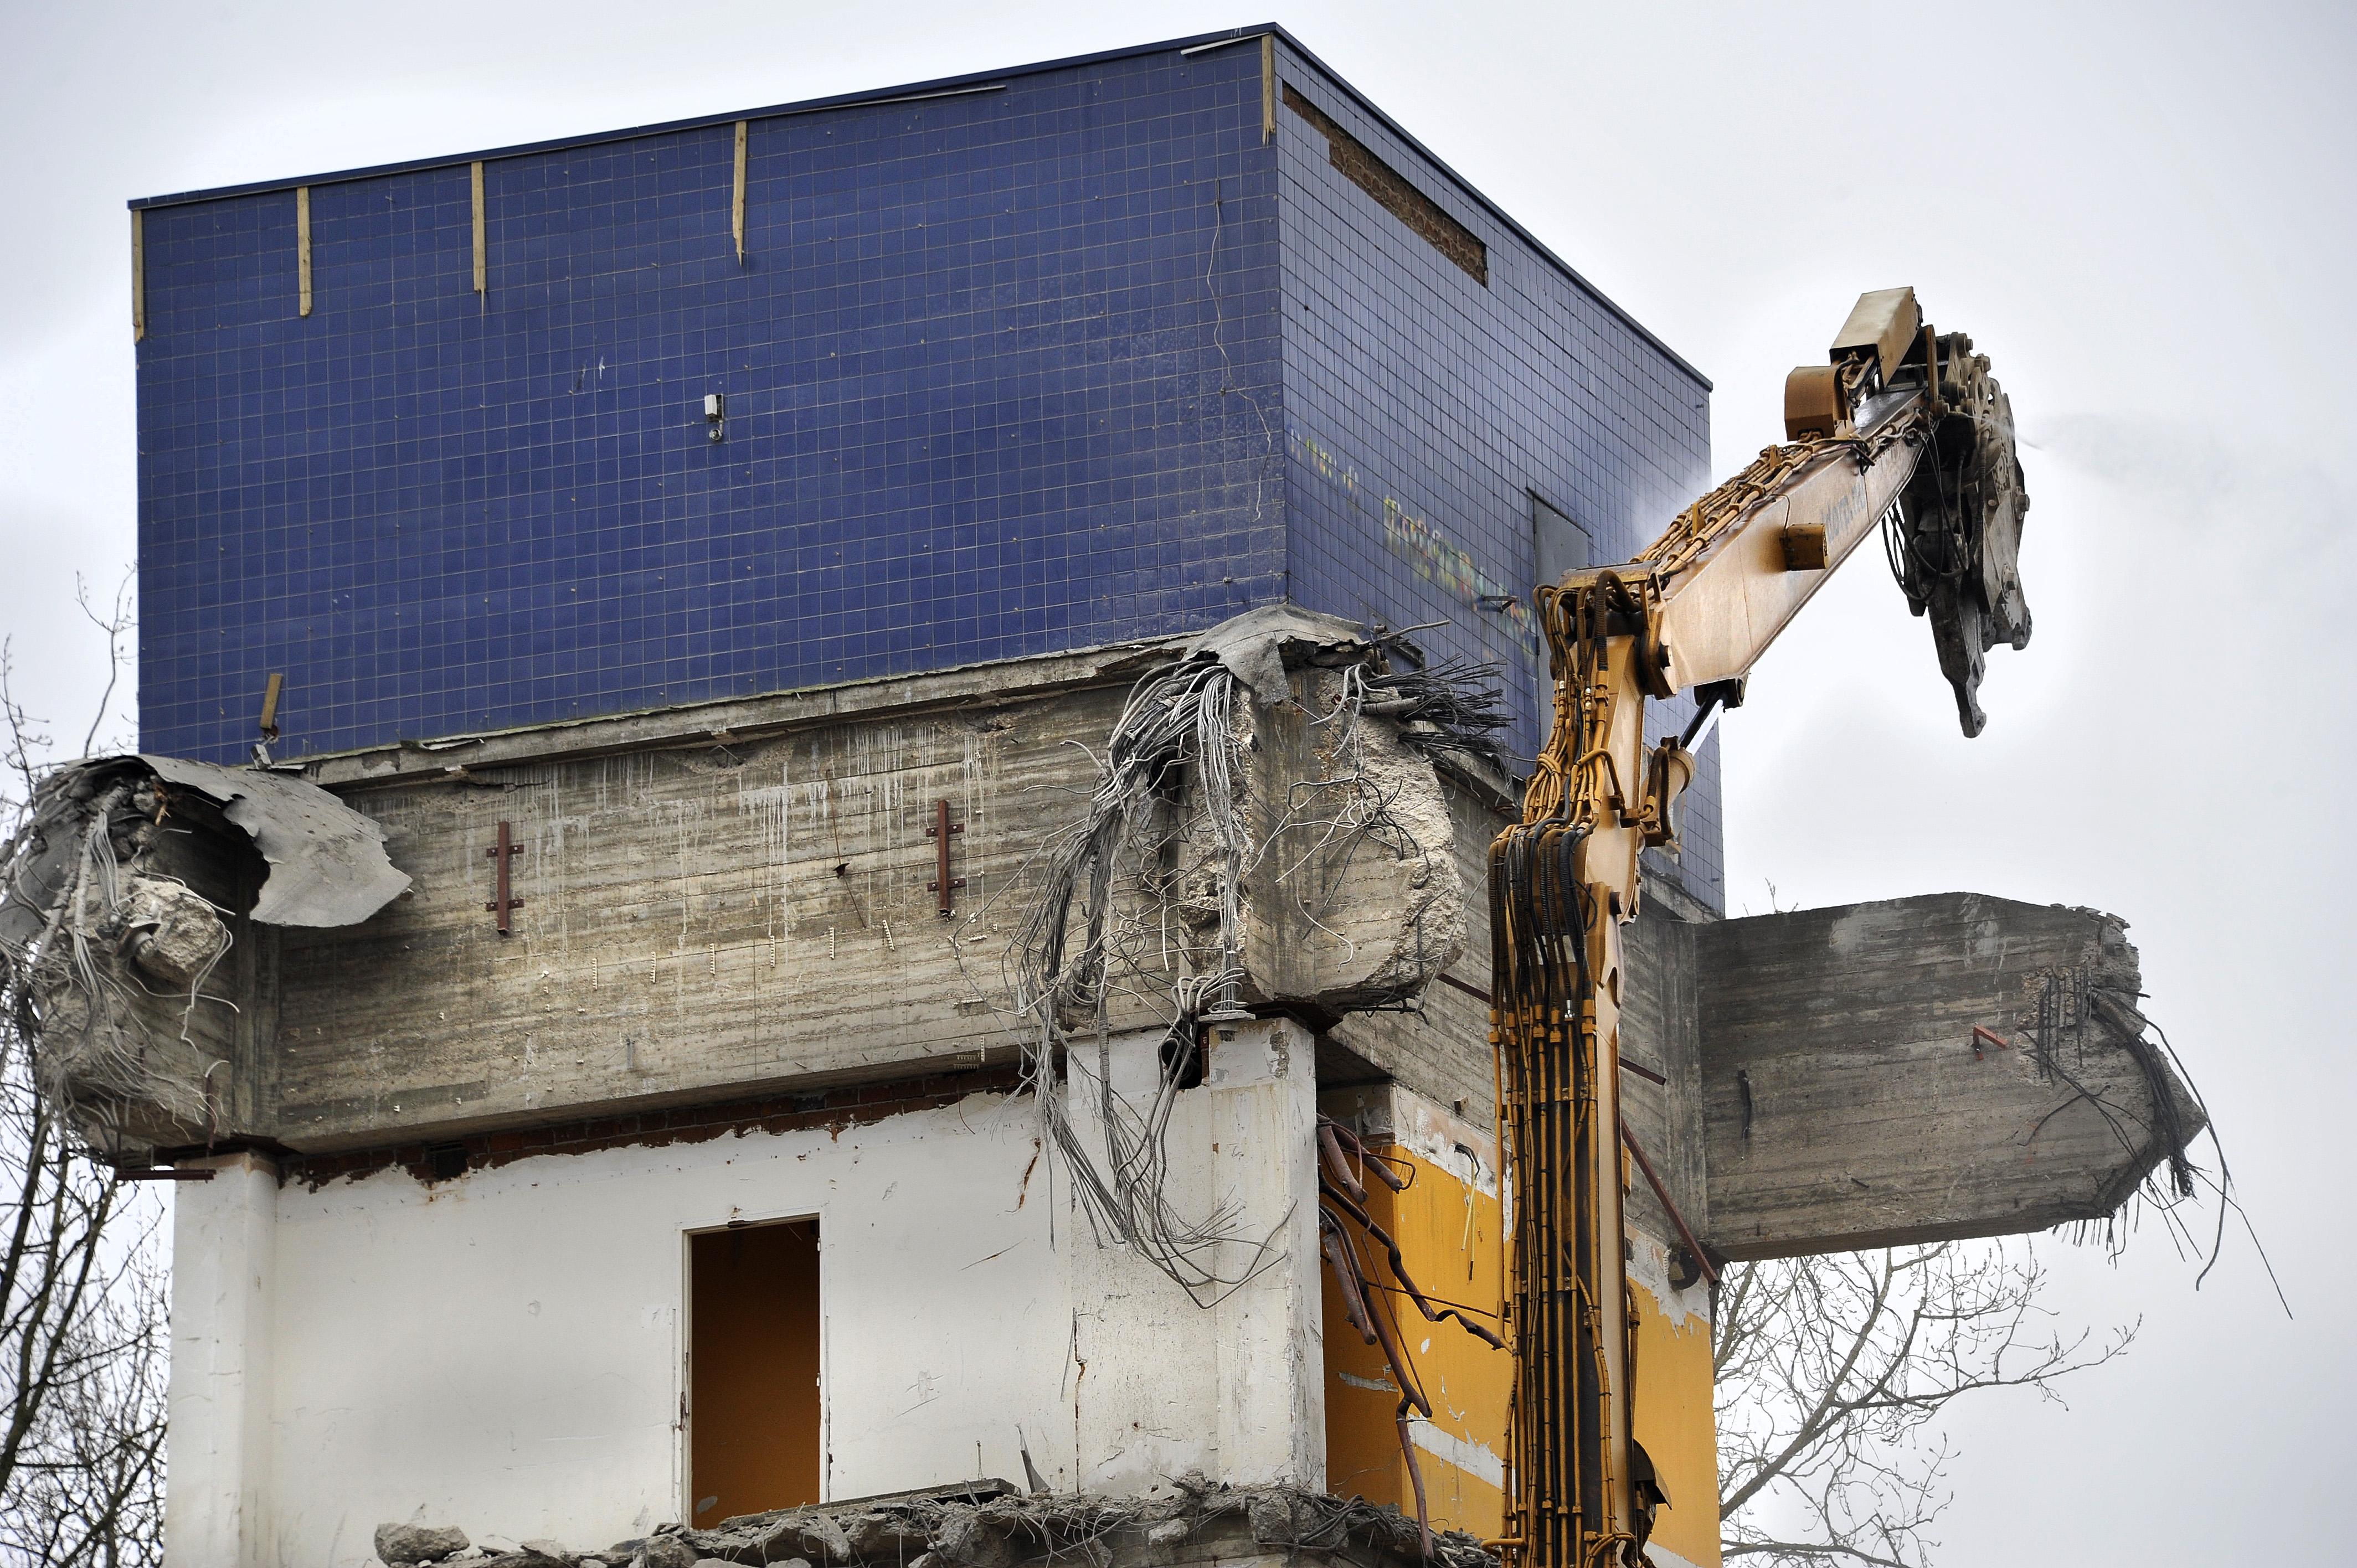 <p>Het voormalige GAK-kantoor was een 'hangend' gebouw; alle verdiepingen hingen als het ware aan de kern van het pand. Het slopen van de zware betonbalken van zo'n 50 centimeter dik en 2,5 meter hoog met voorgespannen staal vragen de nodige kracht en tijd.</p>